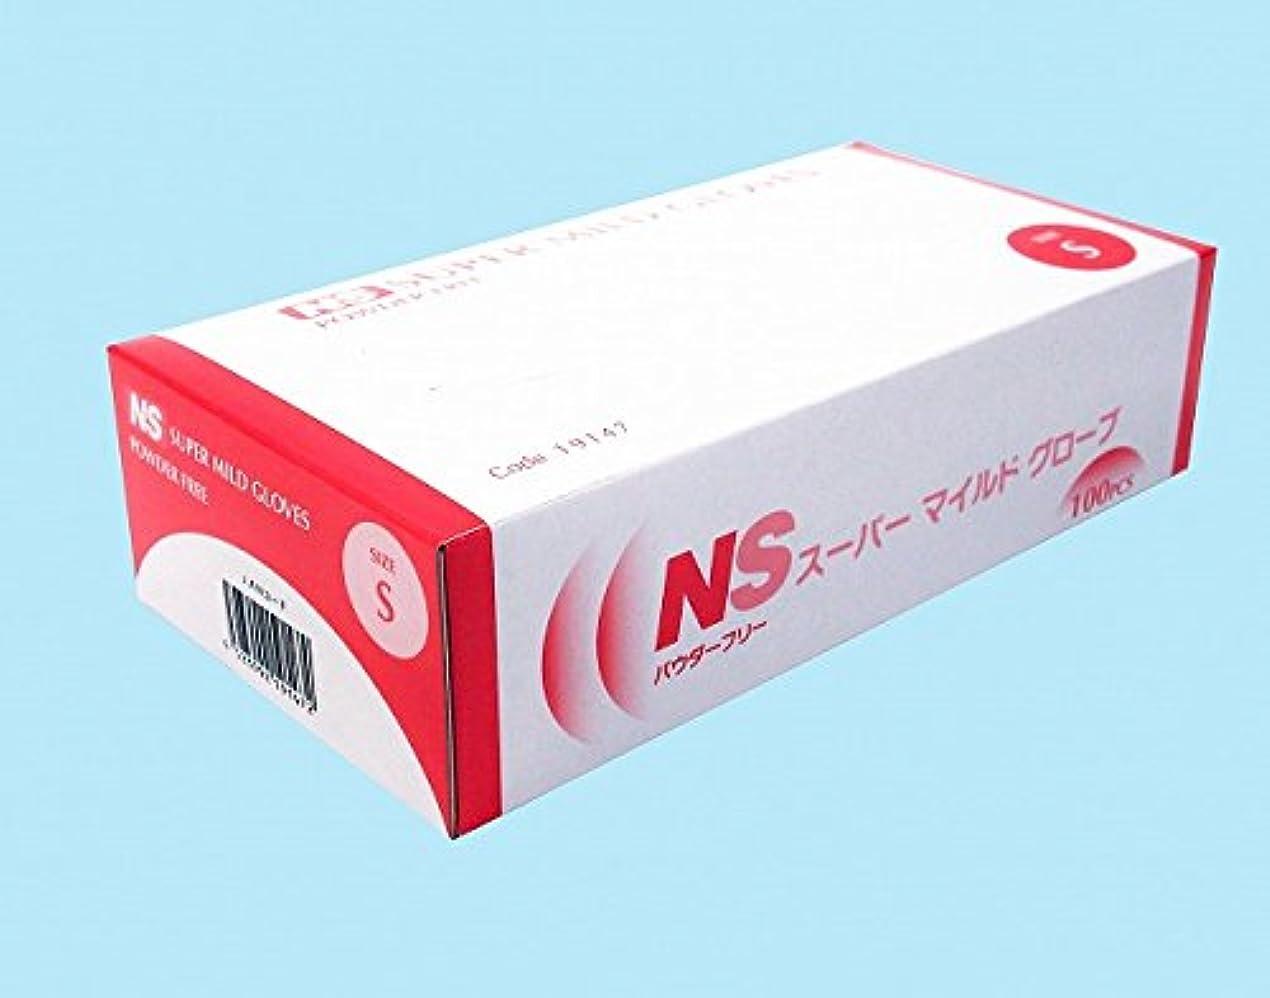 ナチュラロードブロッキング傘【日昭産業】NS スーパーマイルド プラスチック手袋 パウダーフリー S 100枚*20箱入り (ケース販売)